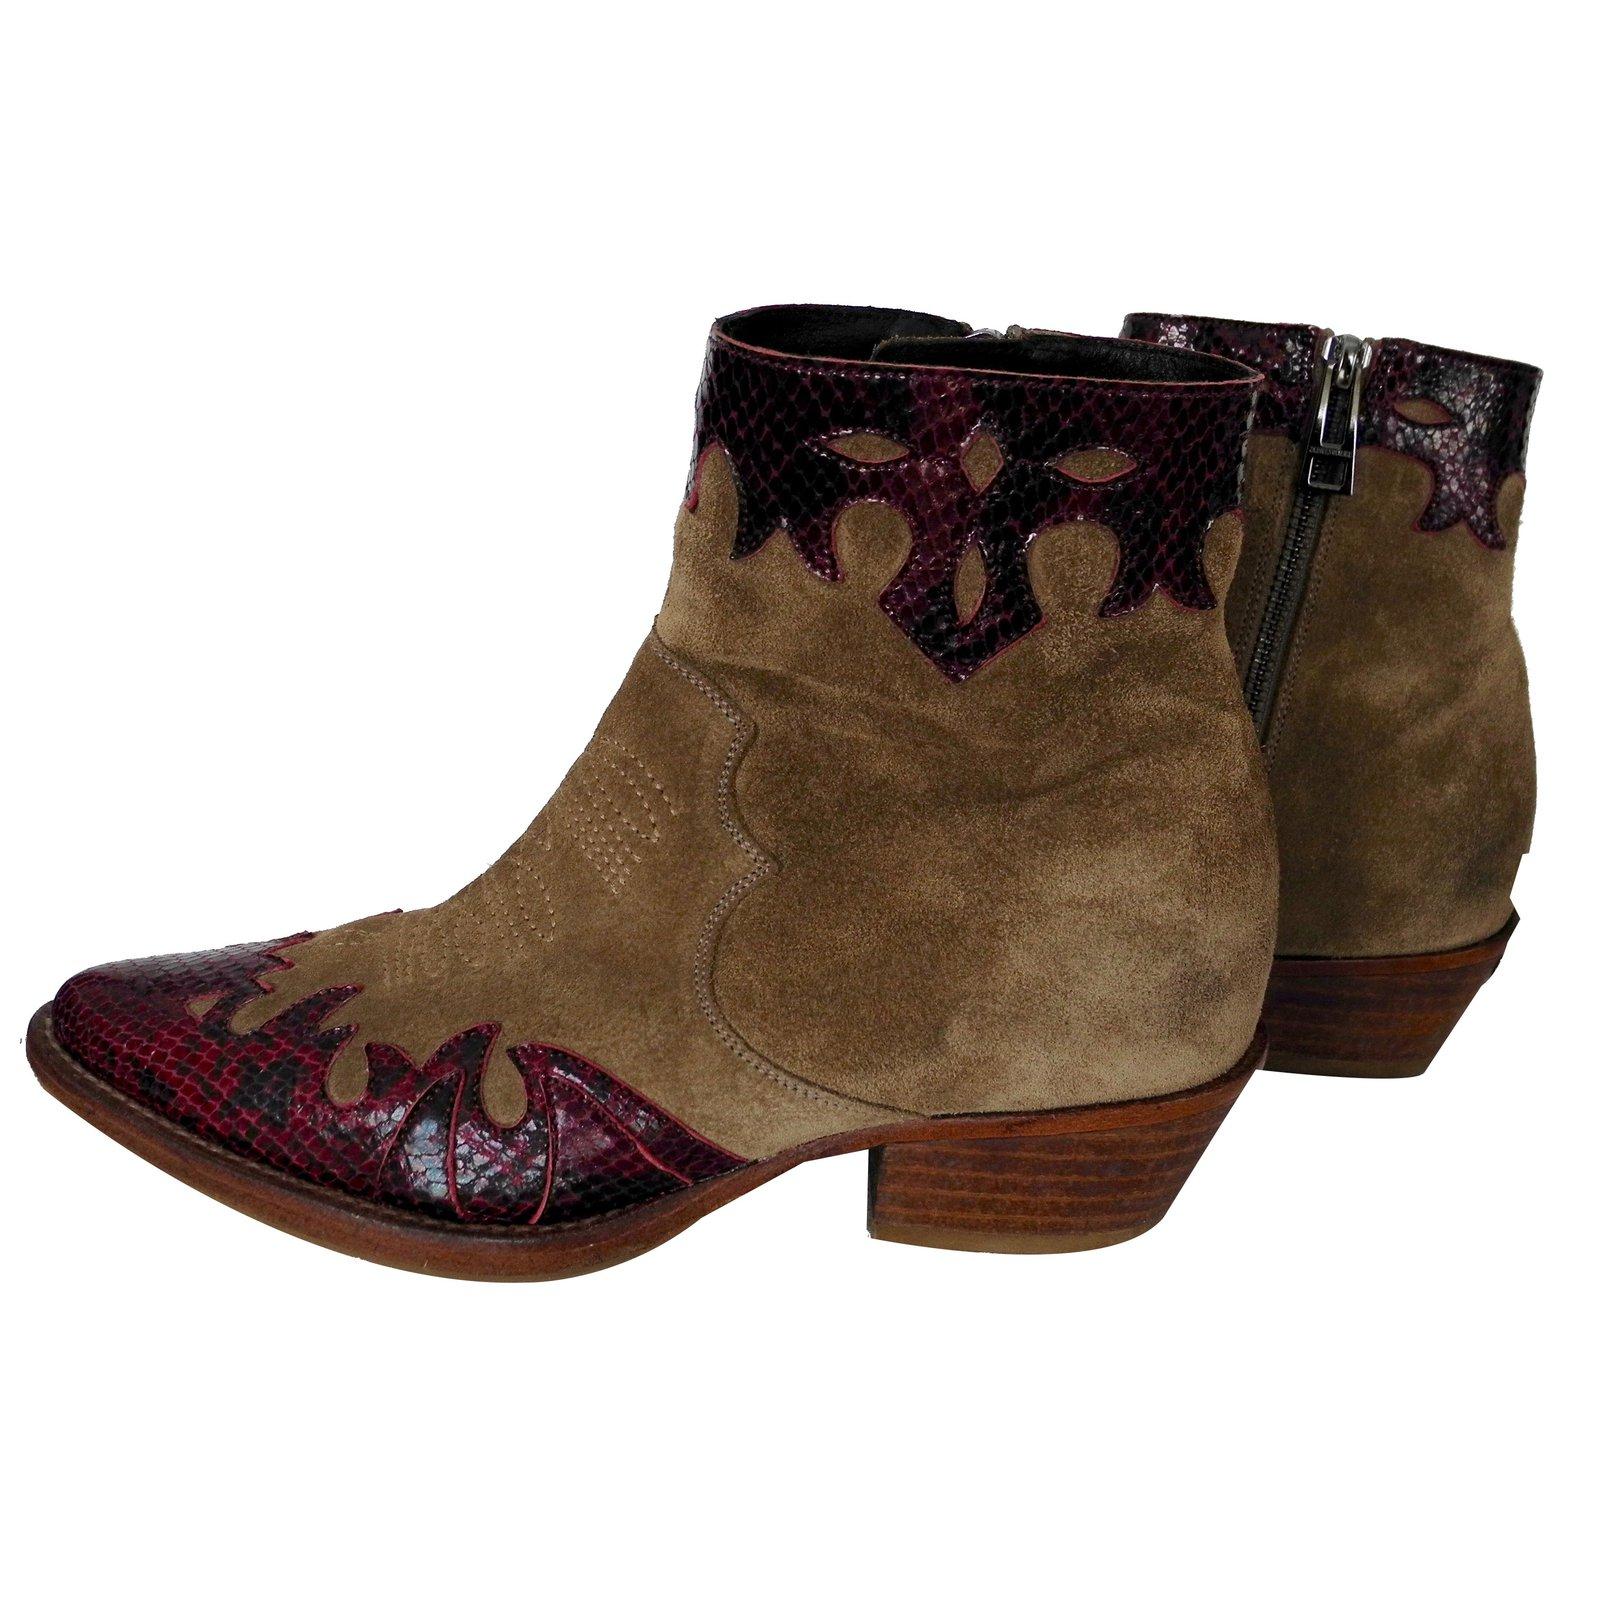 achat spécial hot-vente plus récent nouveaux produits chauds Boots santiag zadig et voltaire